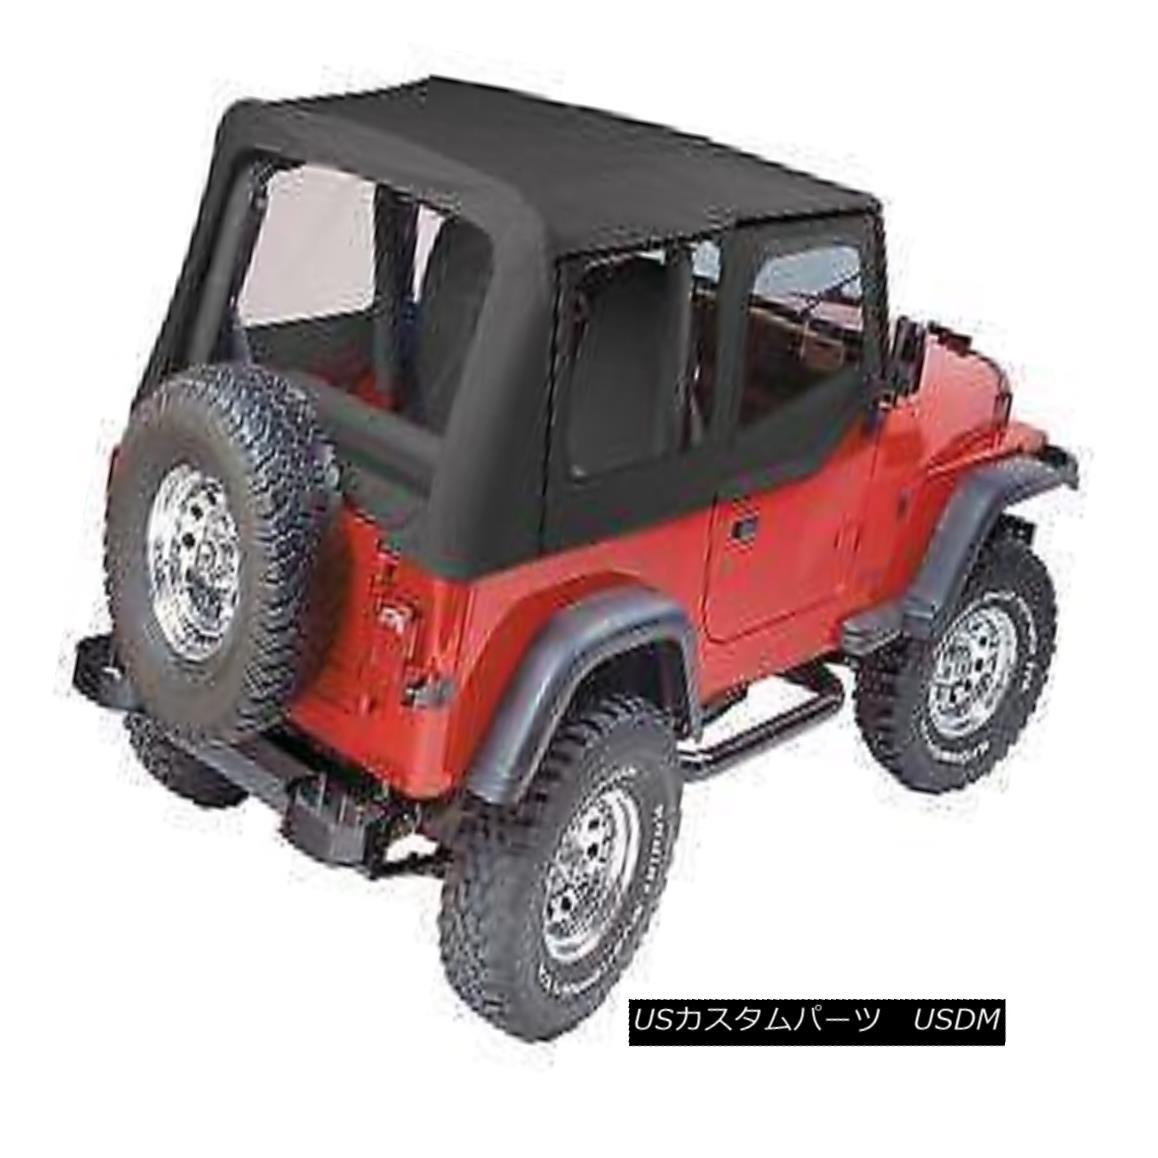 幌・ソフトトップ Pavement Ends Replay Top 88-95 Jeep Wrangler YJ Clear w/ Skins Black Denim 舗装終了リプレイトップ88-95ジープラングラーYJクリアウィズスキンズブラックデニム